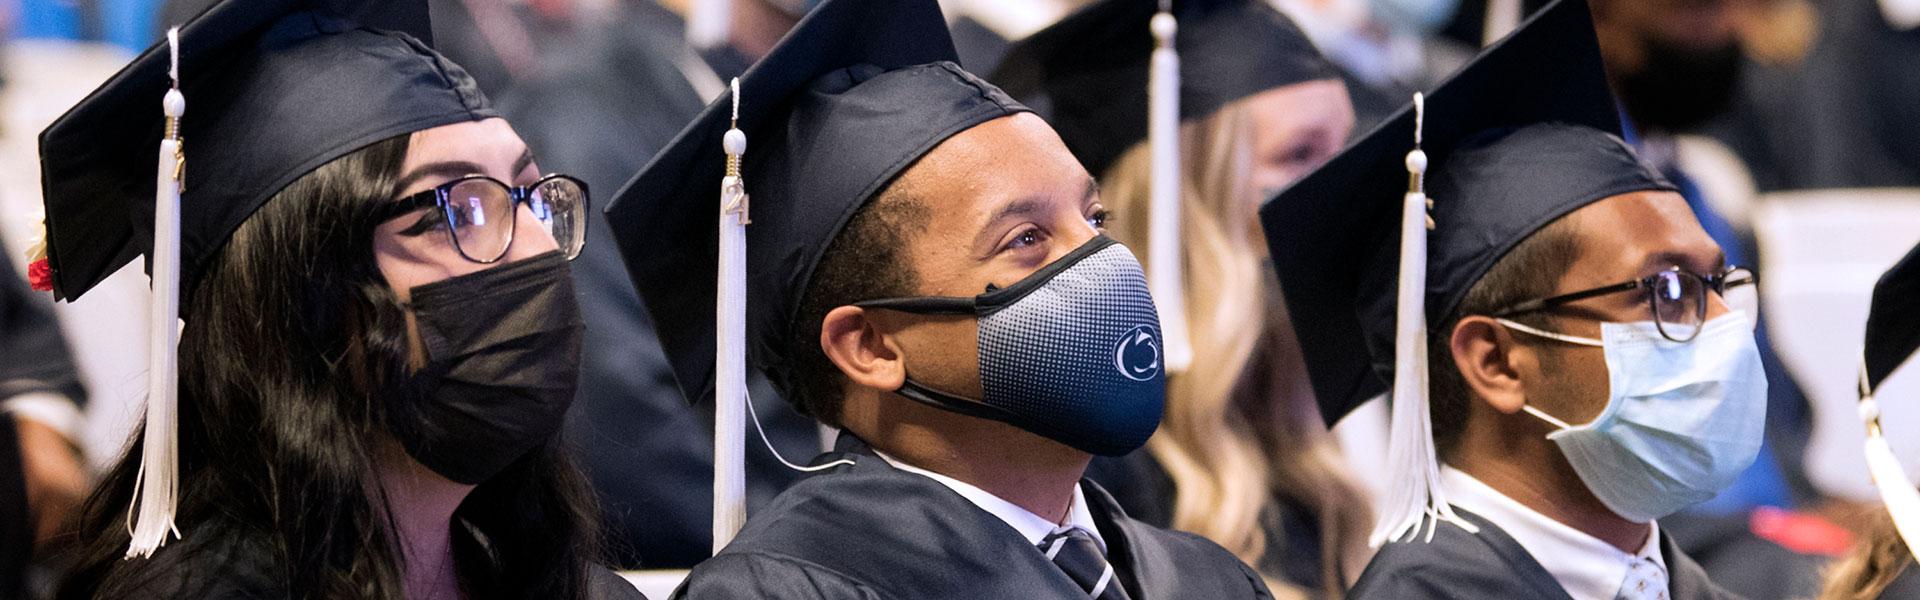 Summer 2021 graduation